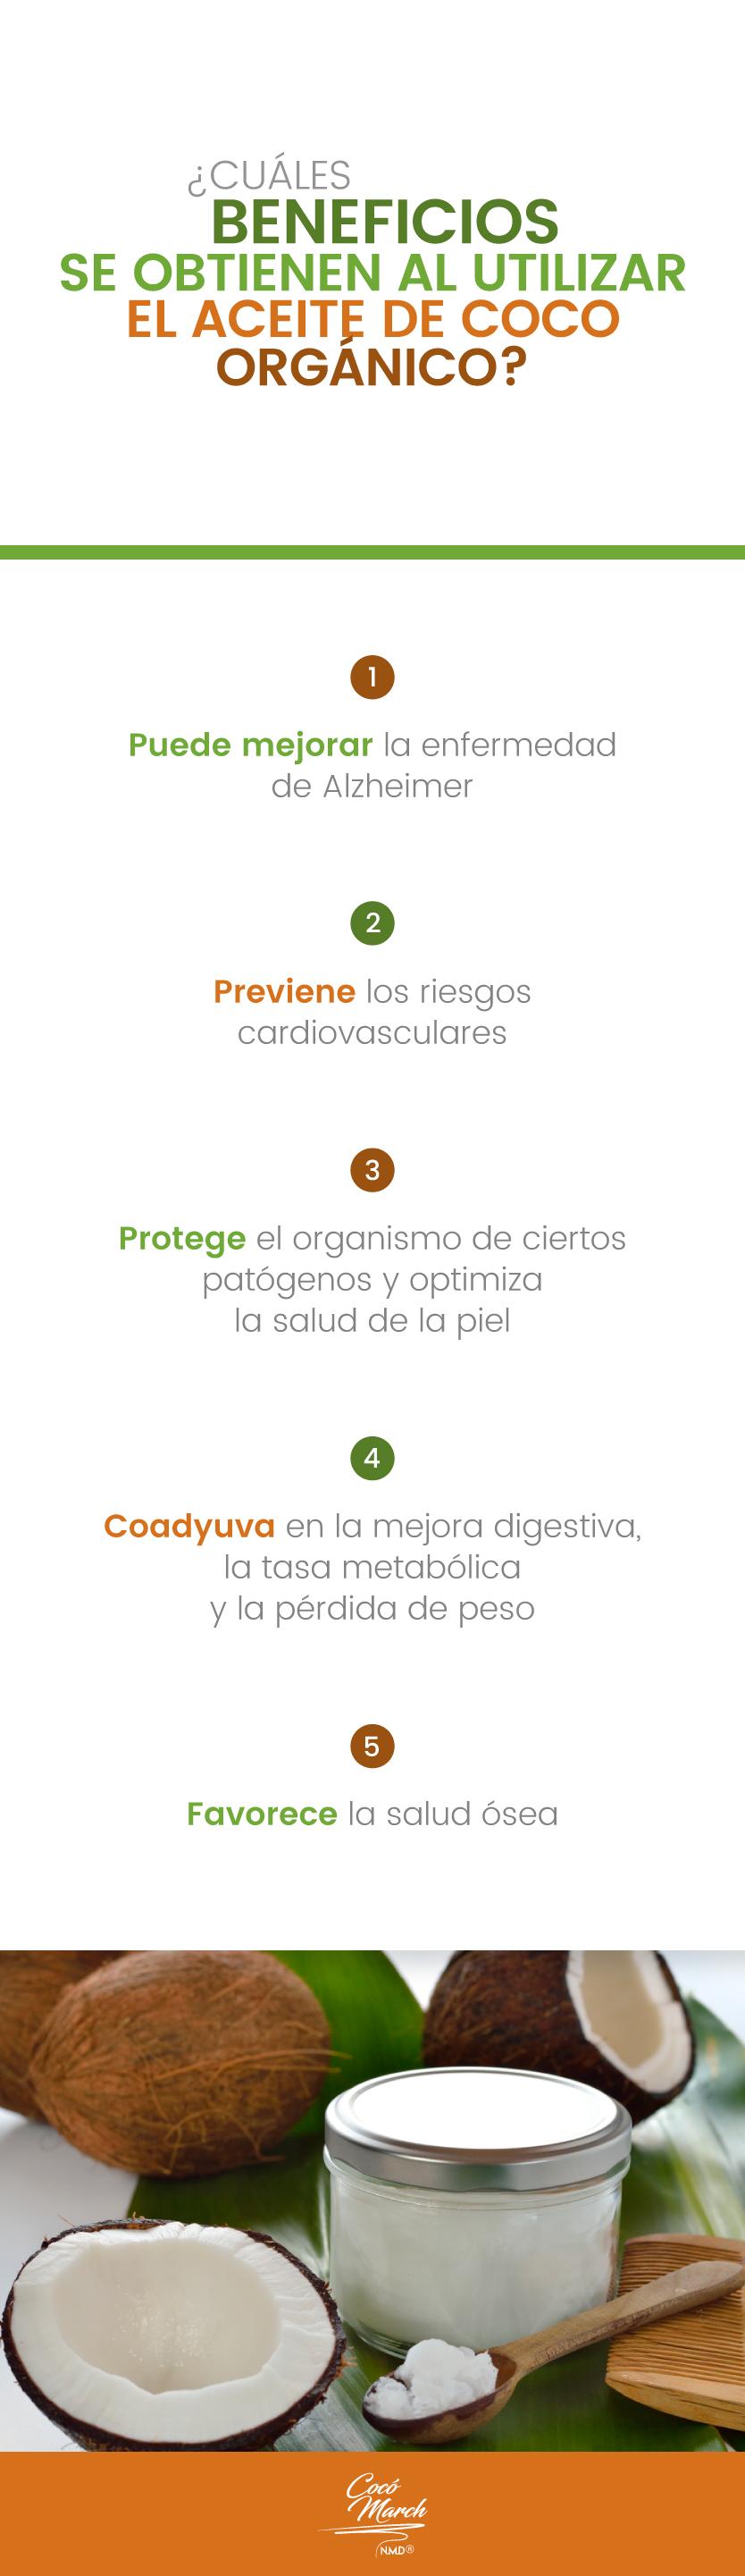 beneficios-del-aceite-de-coco-organico